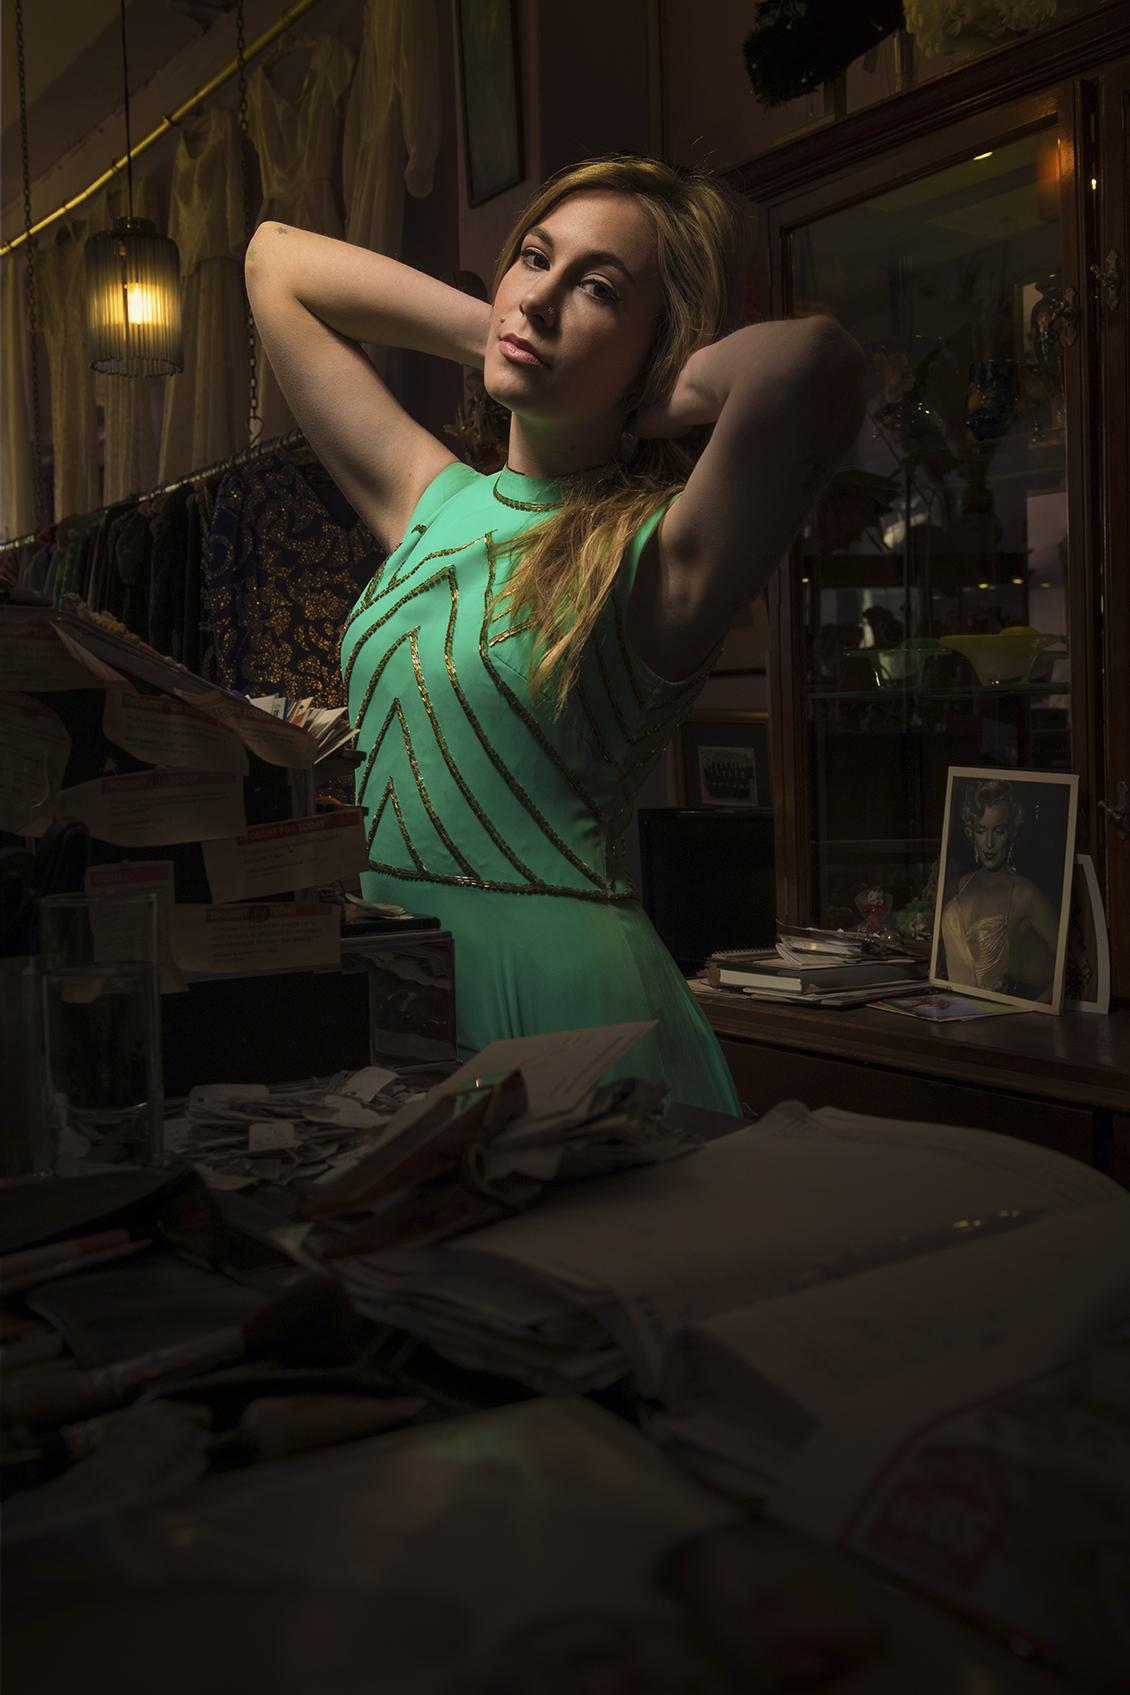 Kylie-Serebro-5-mikebellphotography